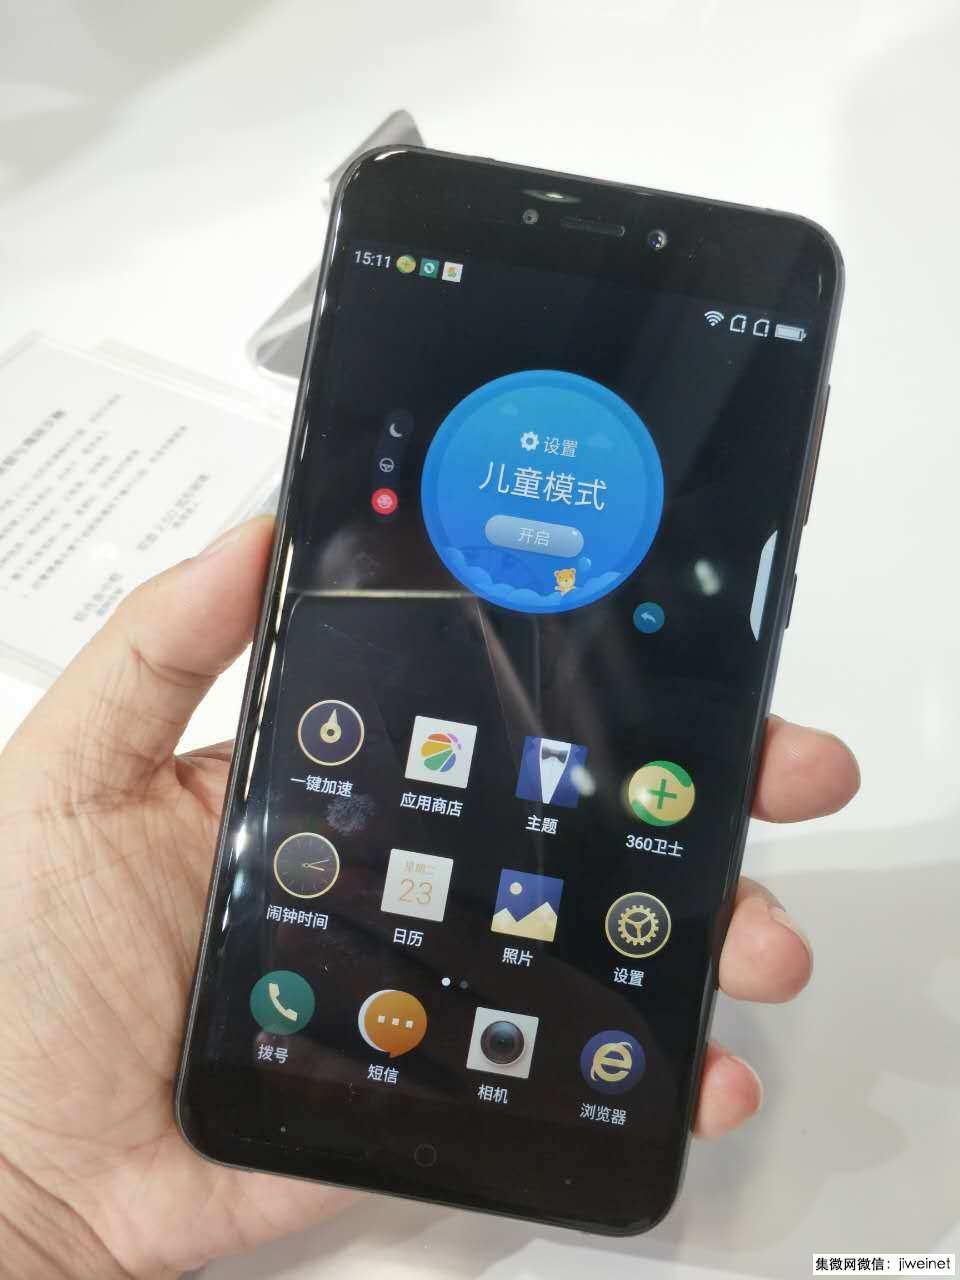 360手机N5s公布:外置双摄像头 8GB 大运行内存,仅1699元